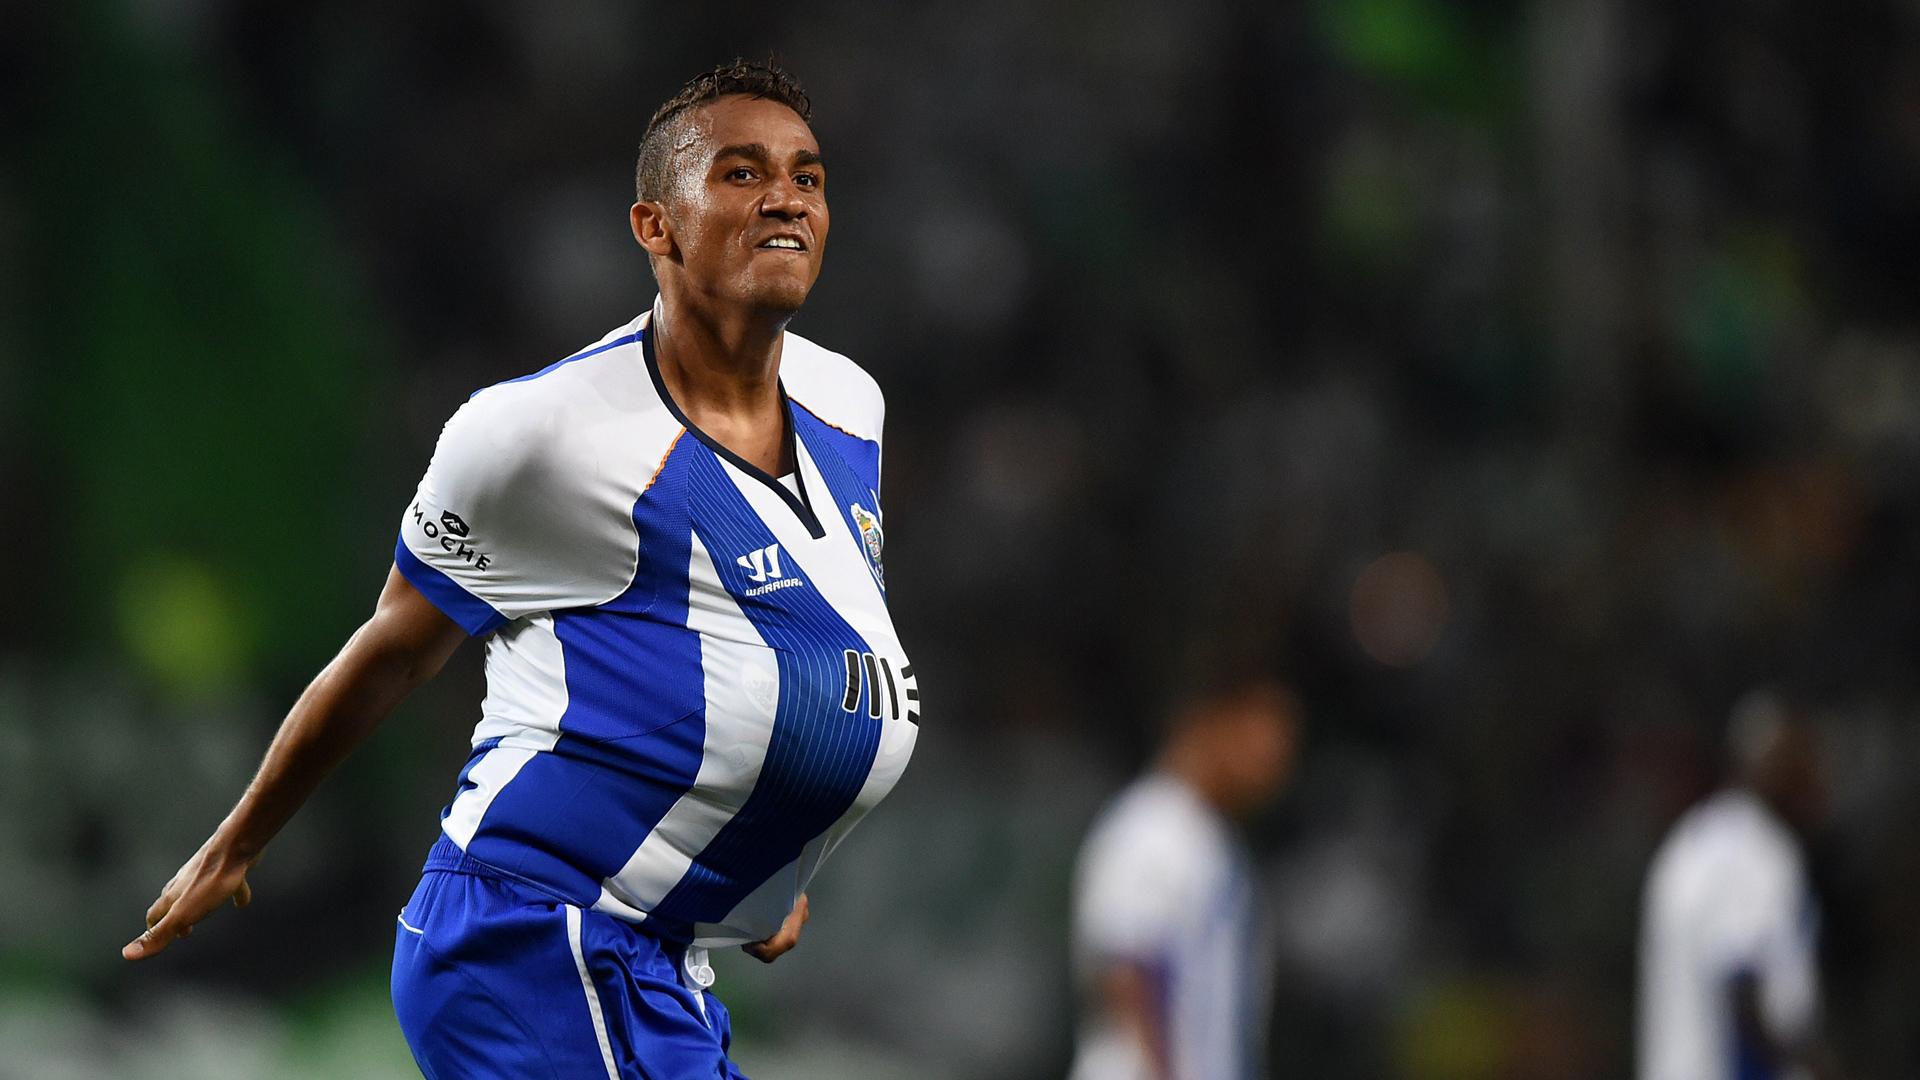 Danilo quiere jugar en el Real Madrid